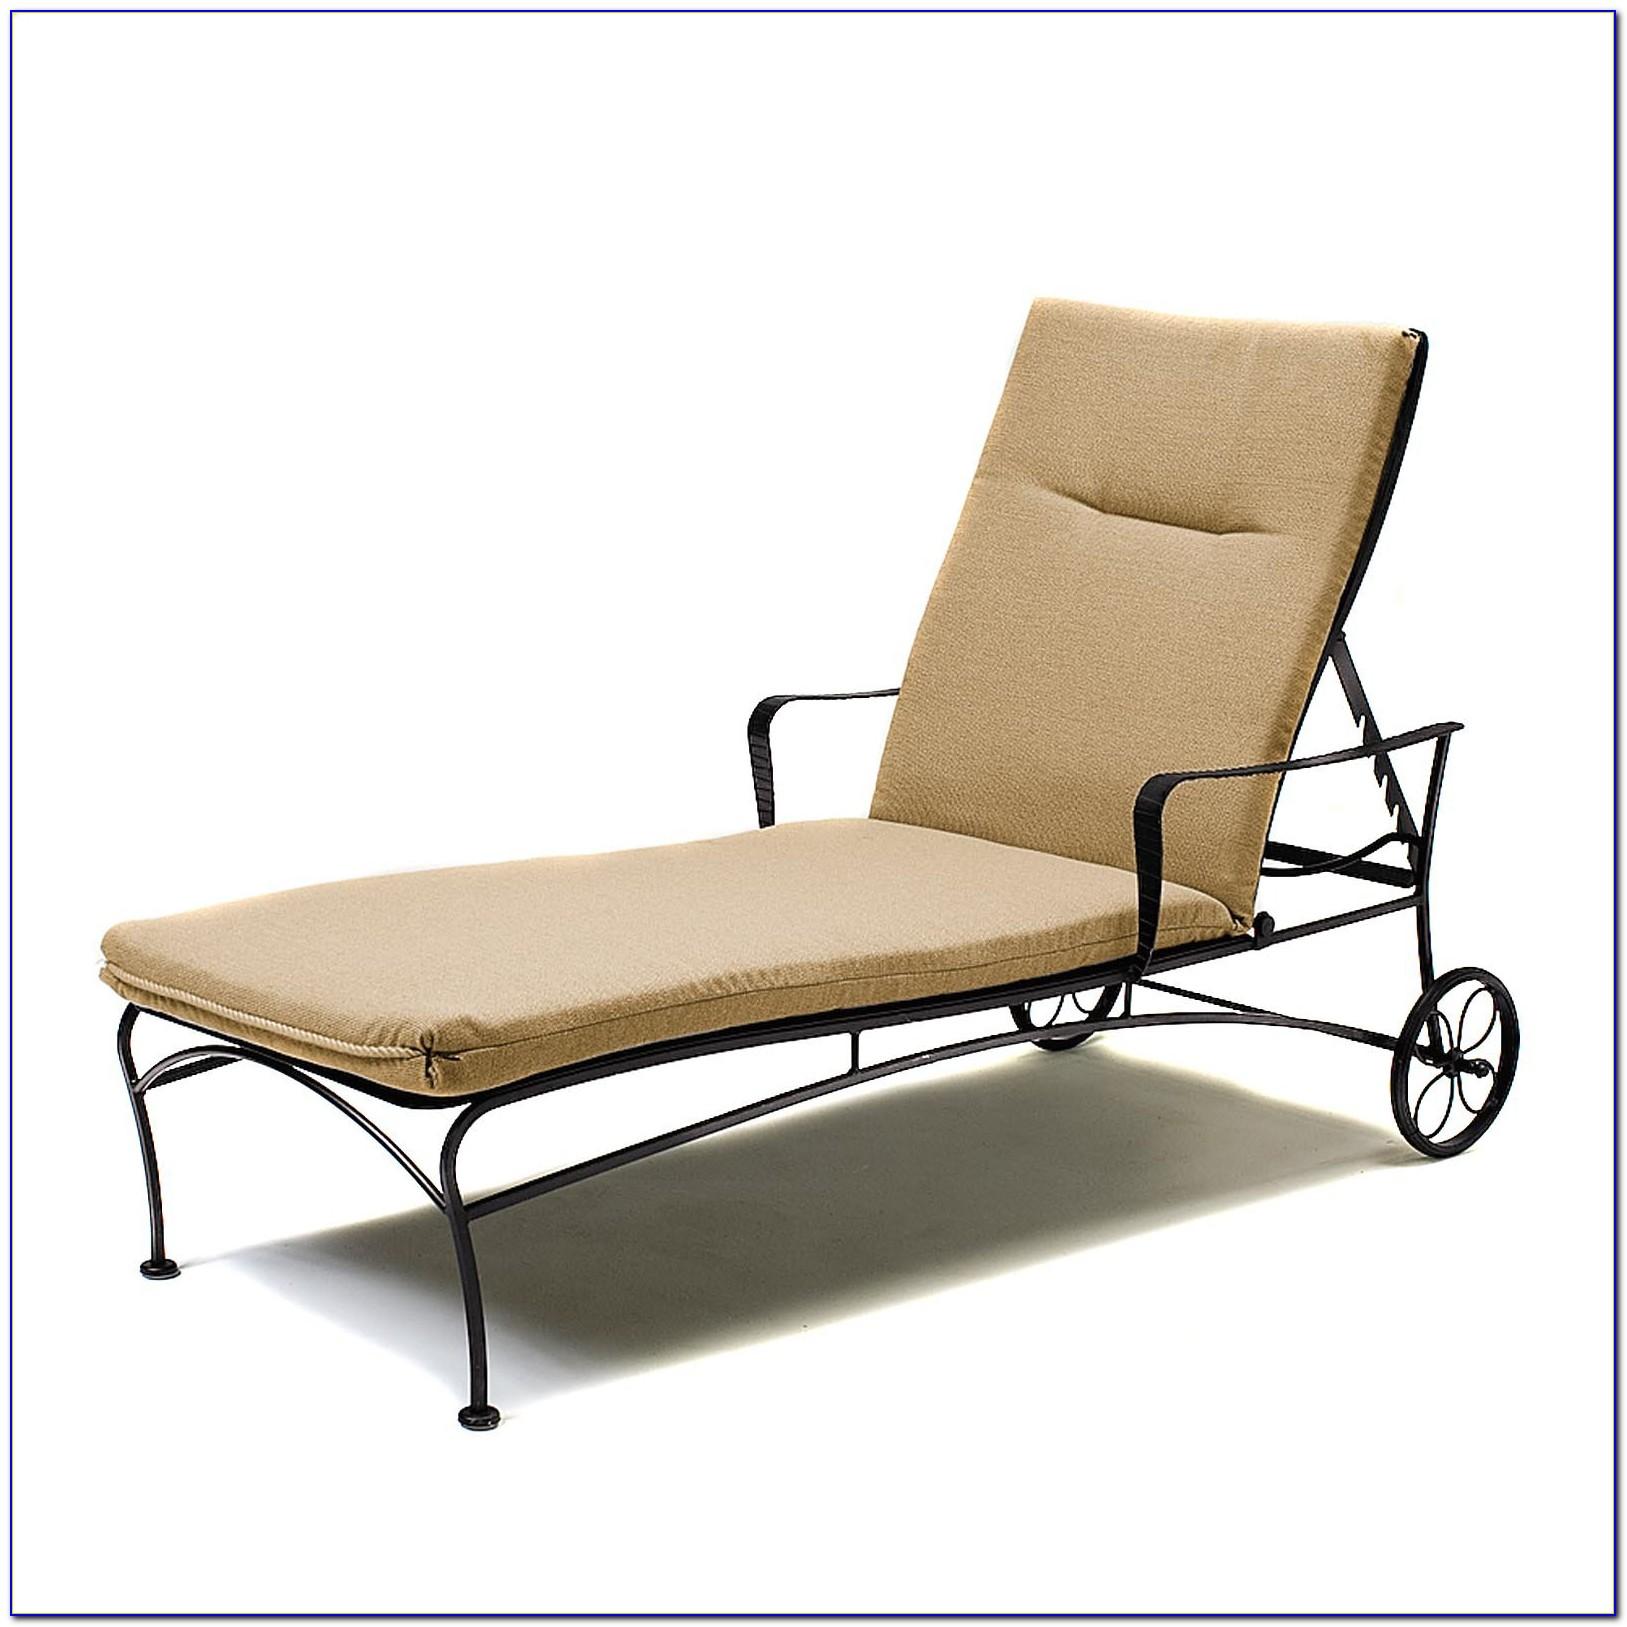 Beach Chaise Lounge Chair Plans